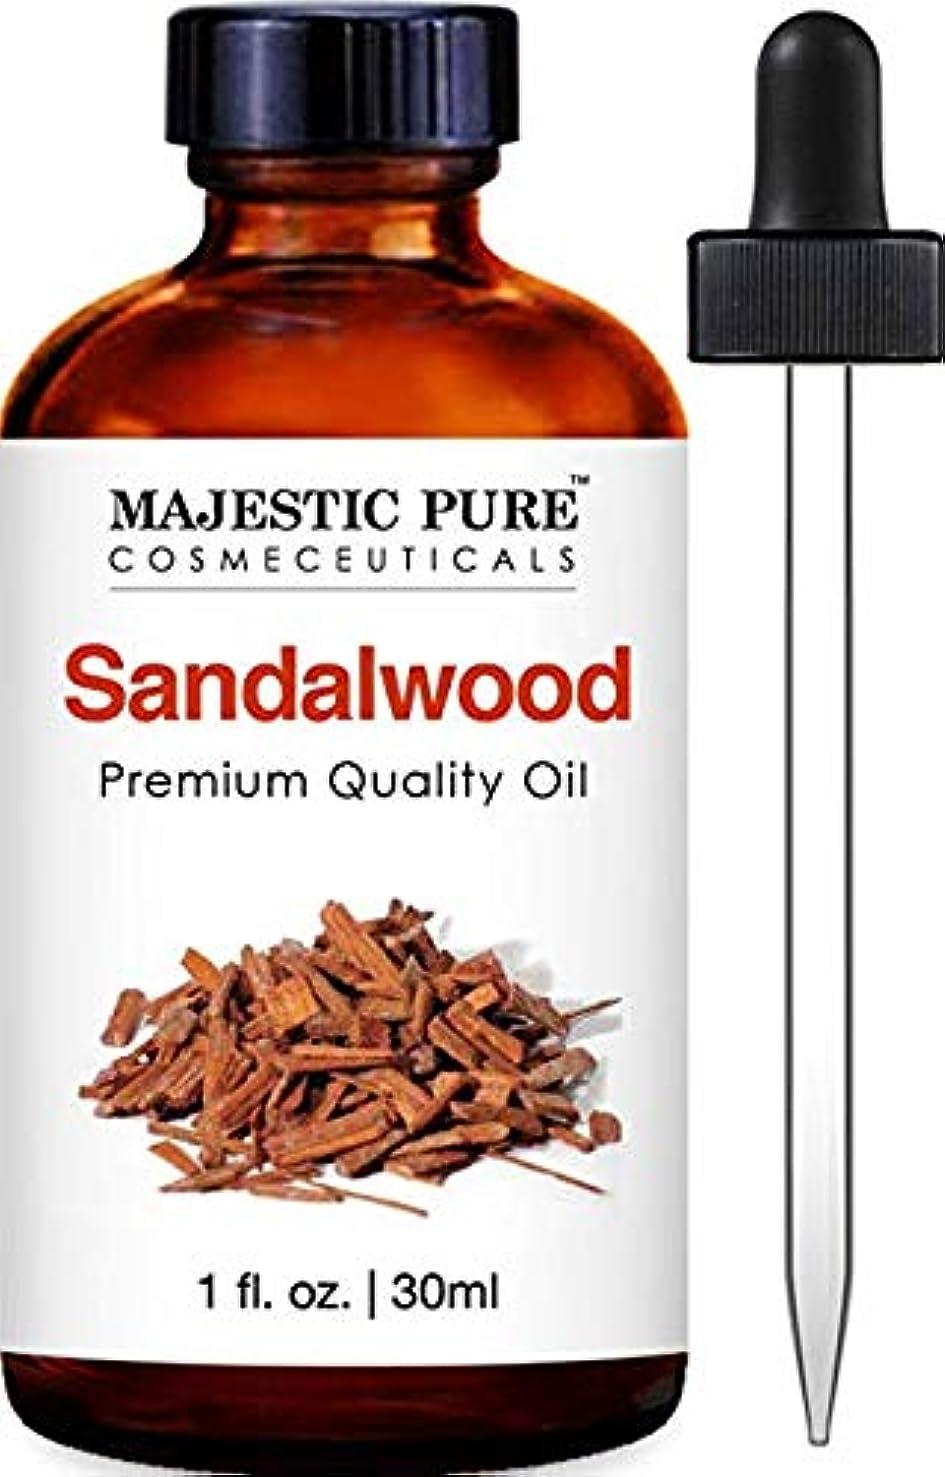 音楽を聴くレディ灌漑Sandalwood Oil, Premium Quality, 1 fl oz 30ml  サンダルウッドオイル